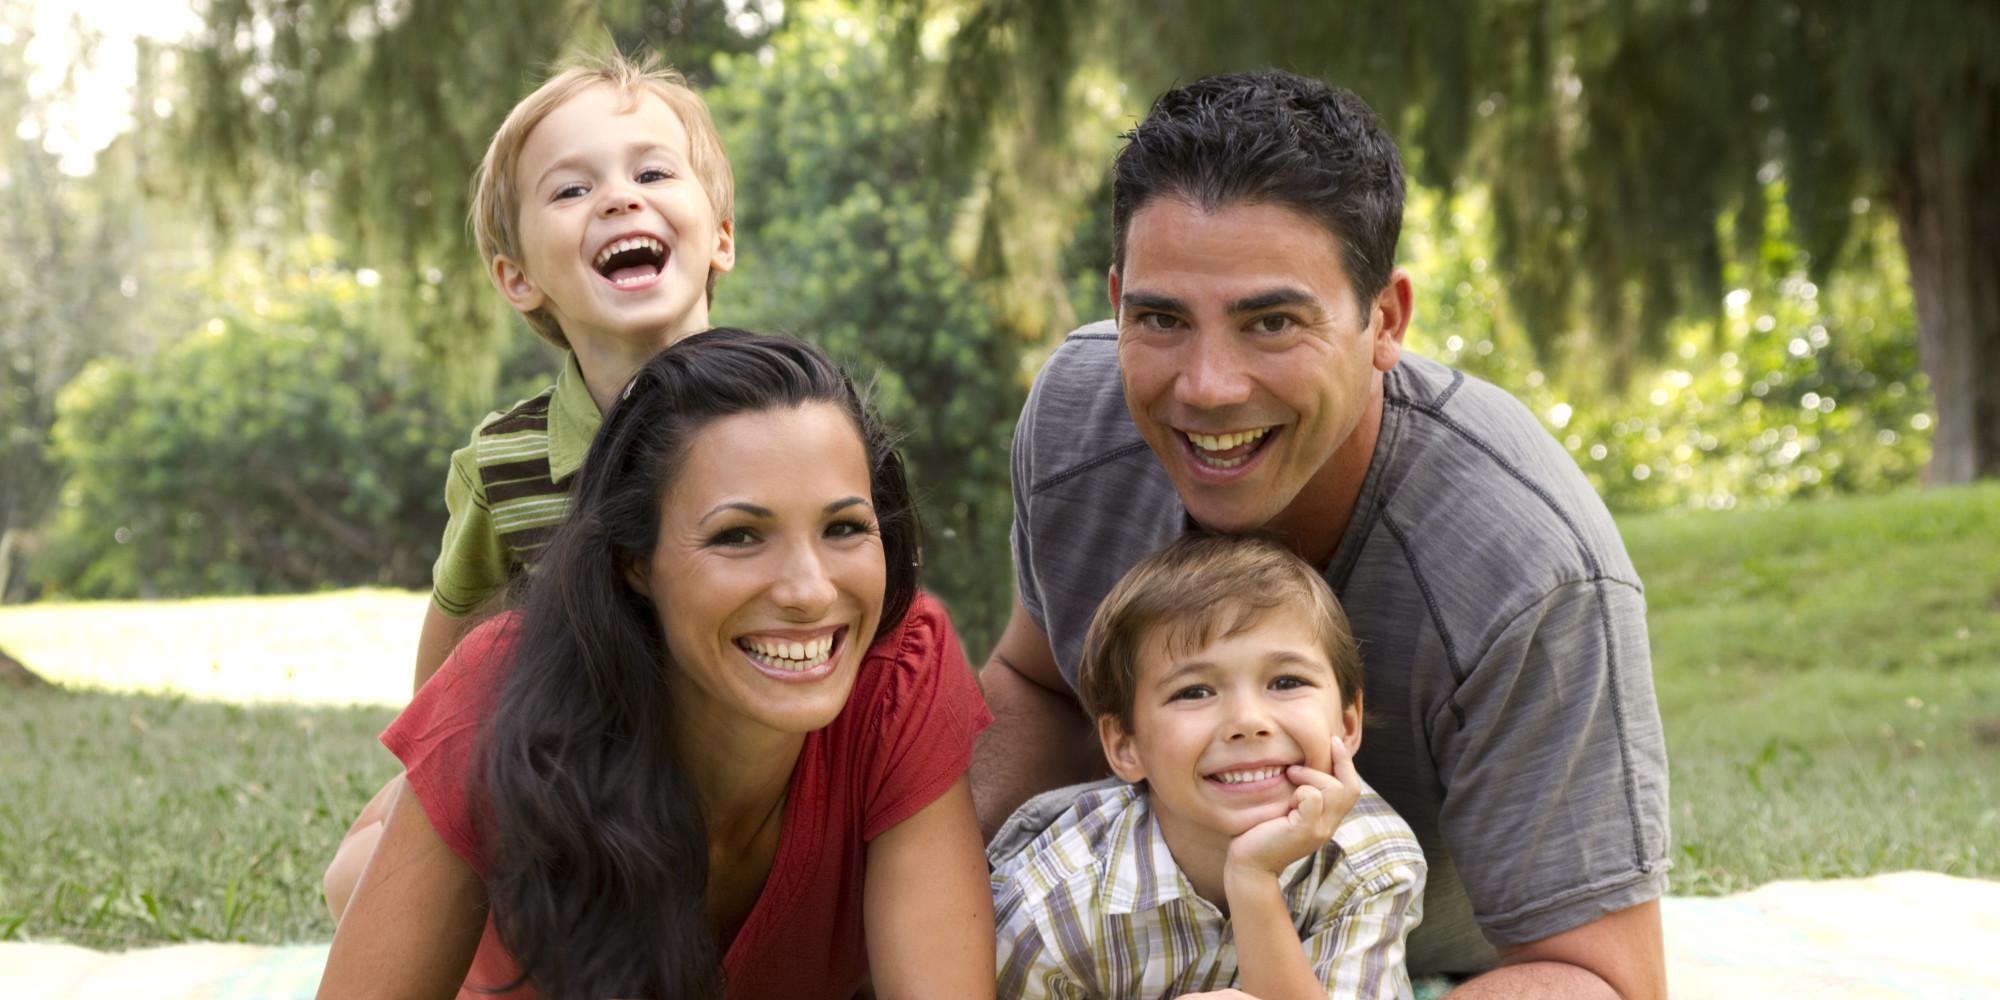 Отцам-американцам теперь не нужно жить в США 10 лет, чтобы передать ребенку свое гражданство. Фото: huffingtonpost.com